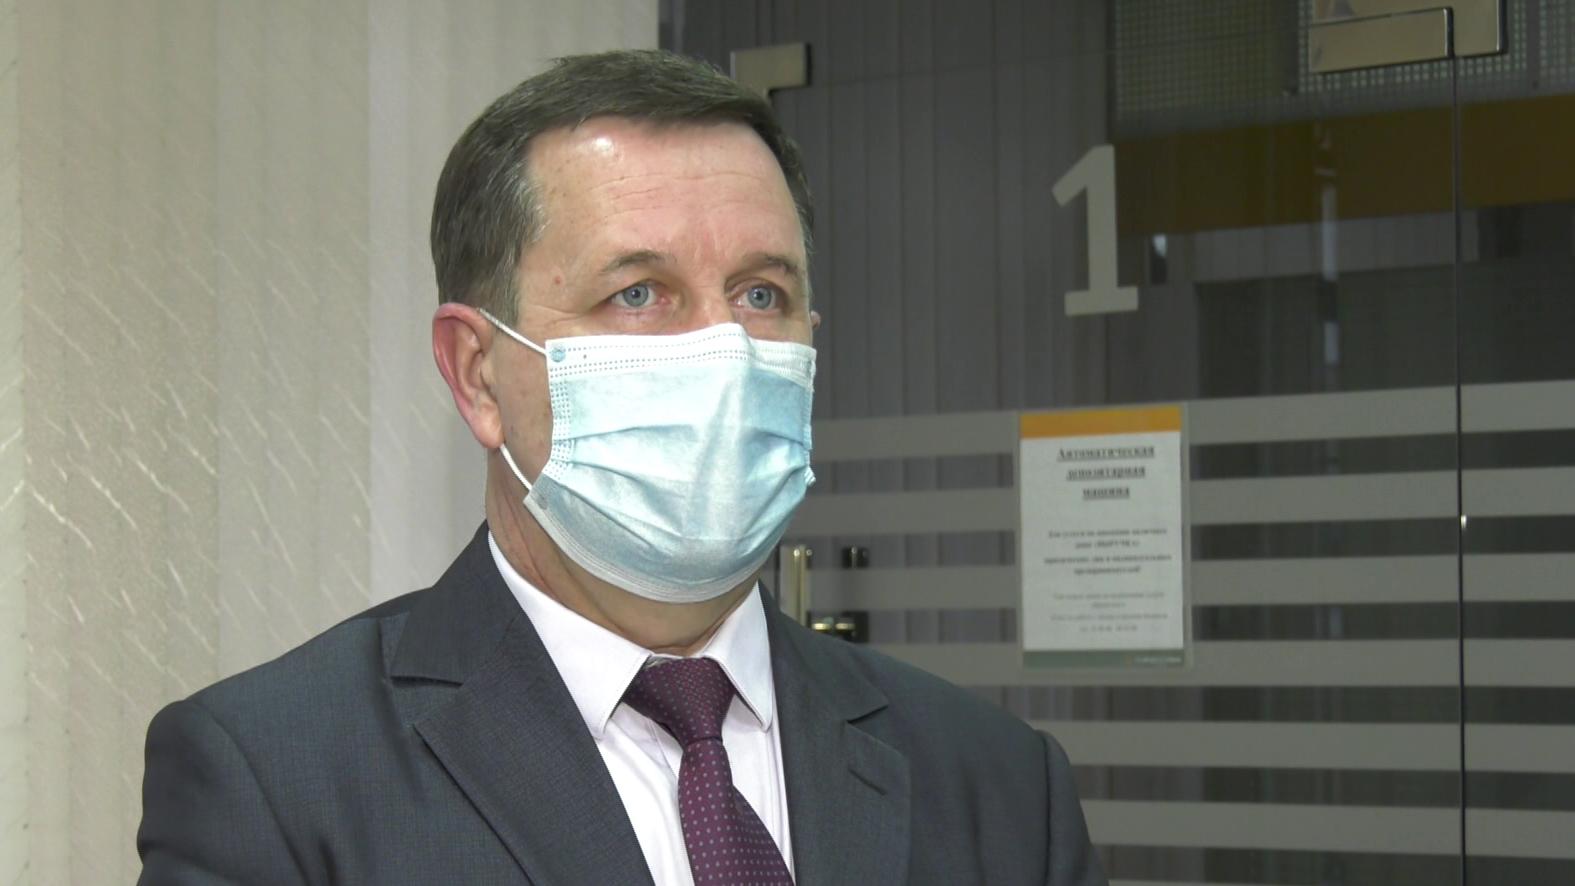 senkevich - В Витебске контролируют соблюдение масочного режима (видео)